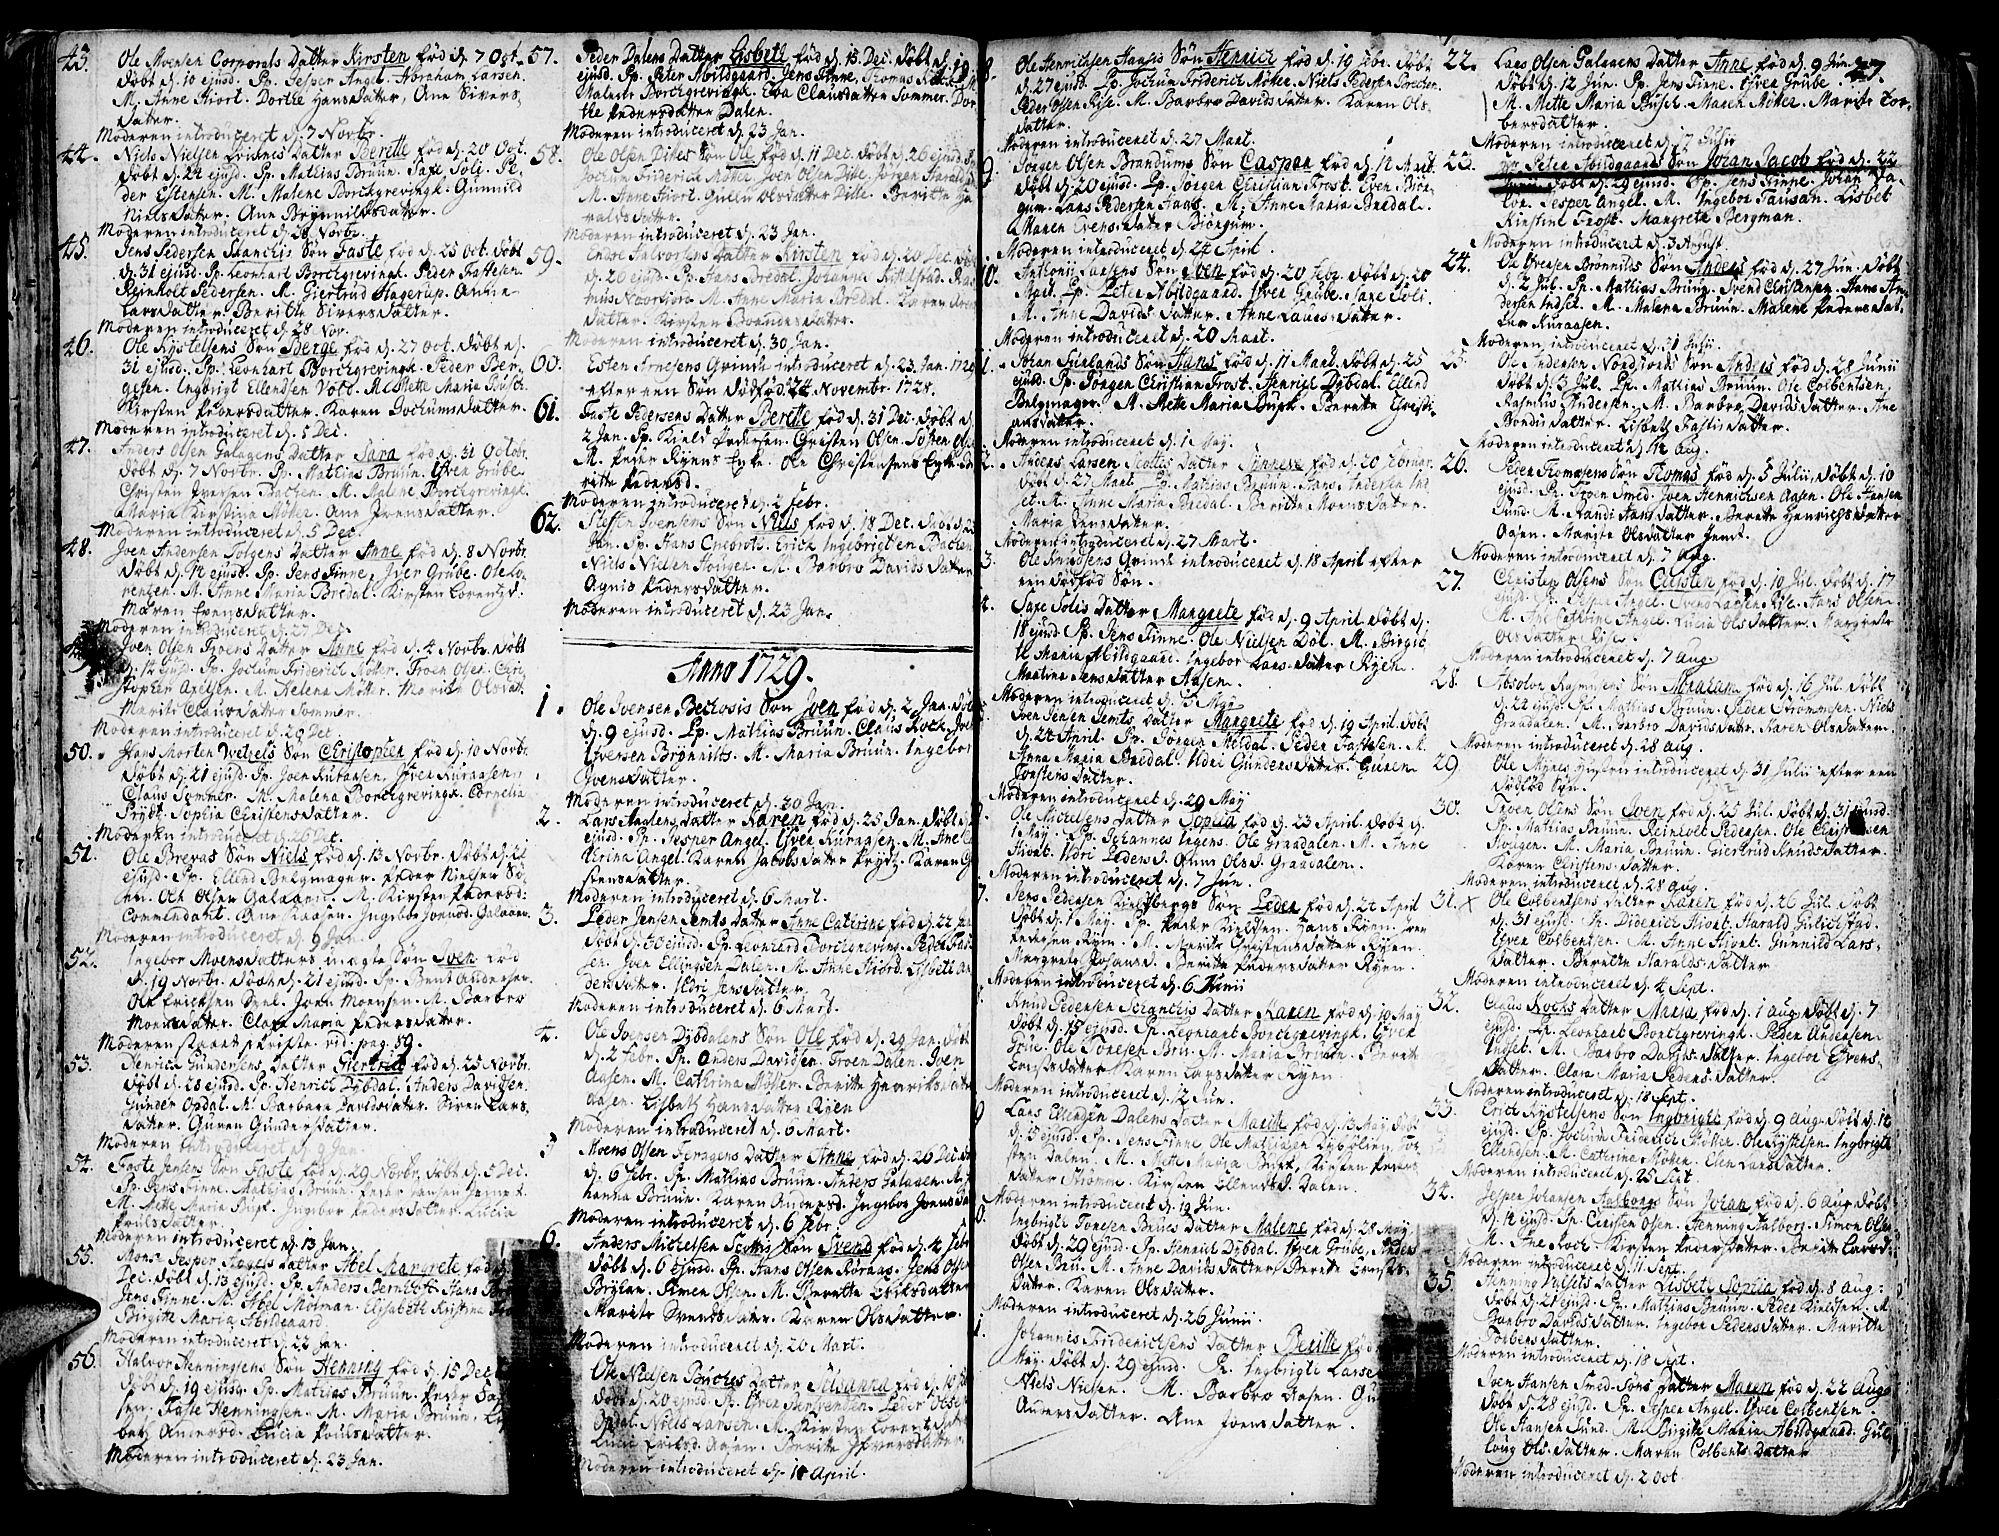 SAT, Ministerialprotokoller, klokkerbøker og fødselsregistre - Sør-Trøndelag, 681/L0925: Ministerialbok nr. 681A03, 1727-1766, s. 27